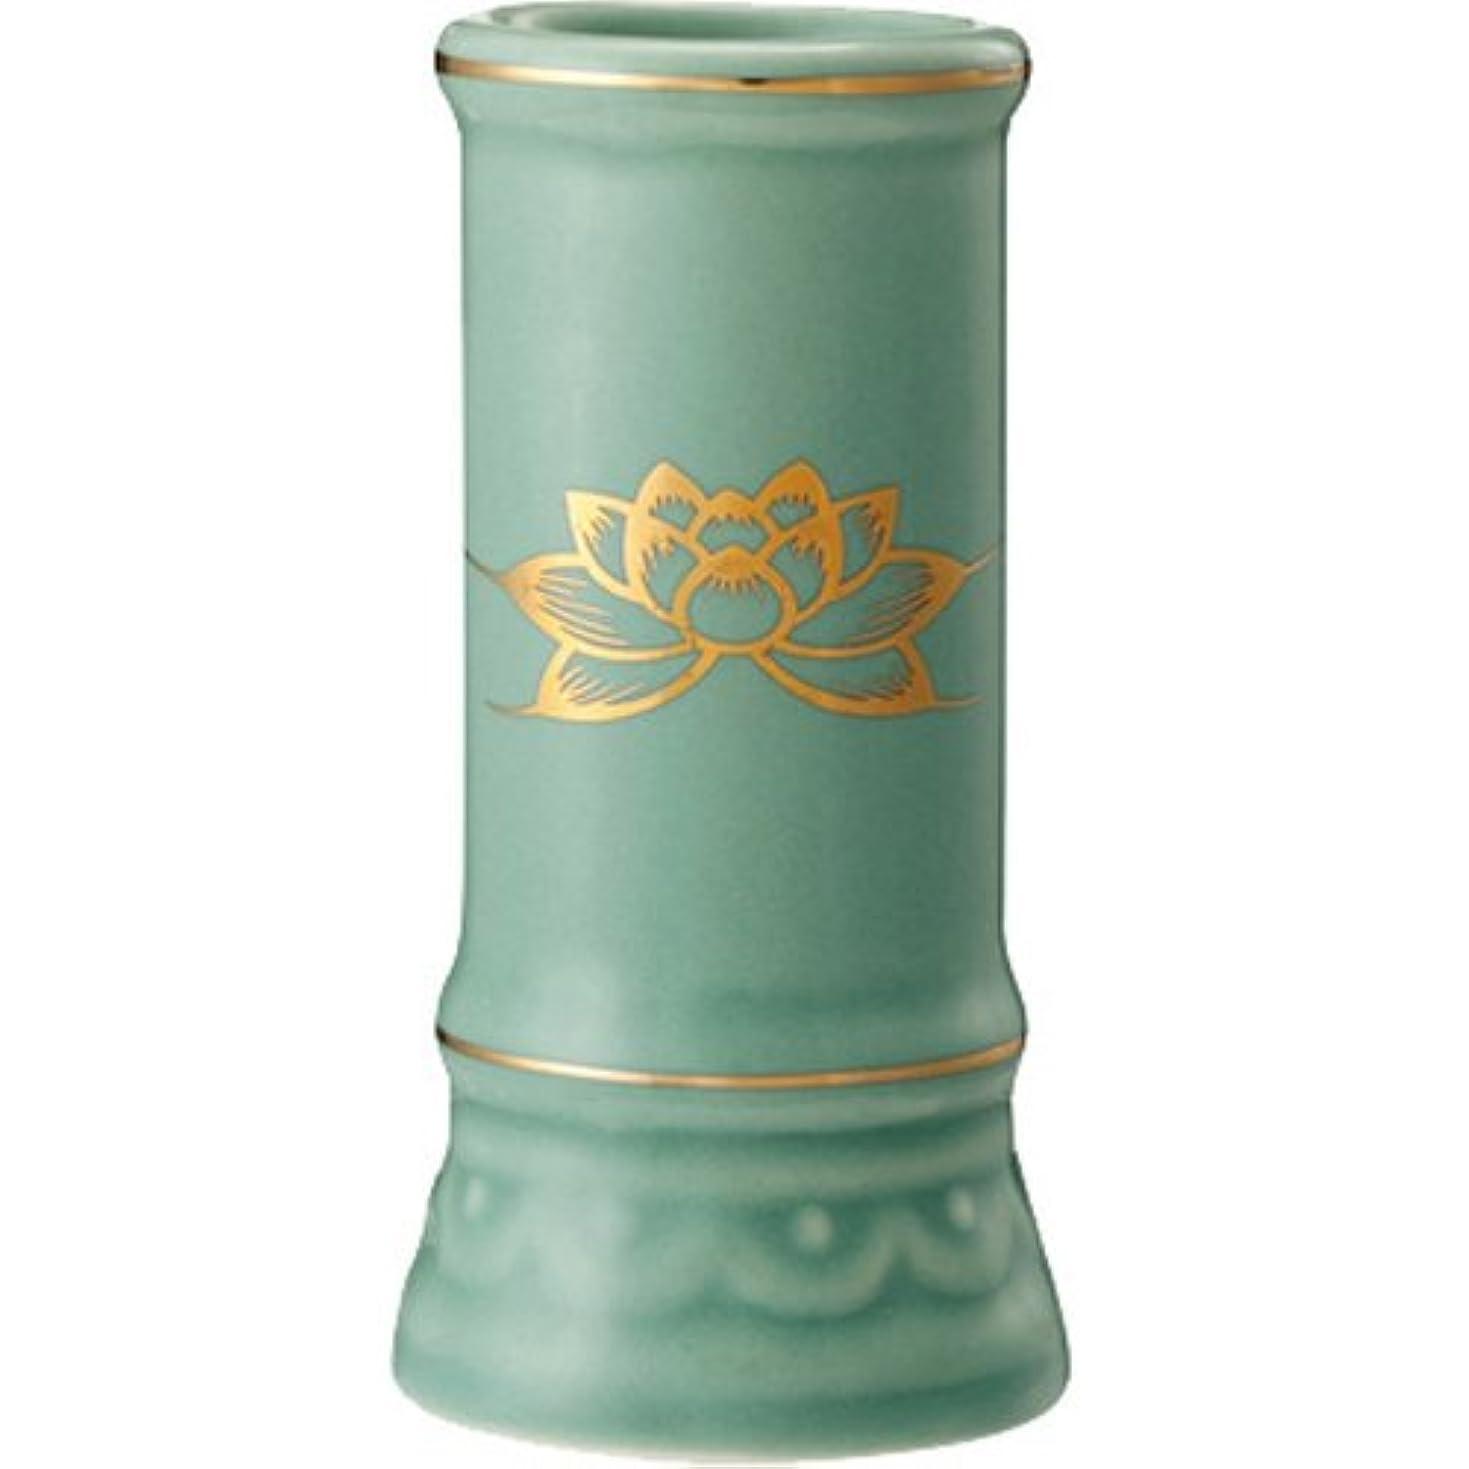 日本香堂 線香立て ミニ陶器青磁